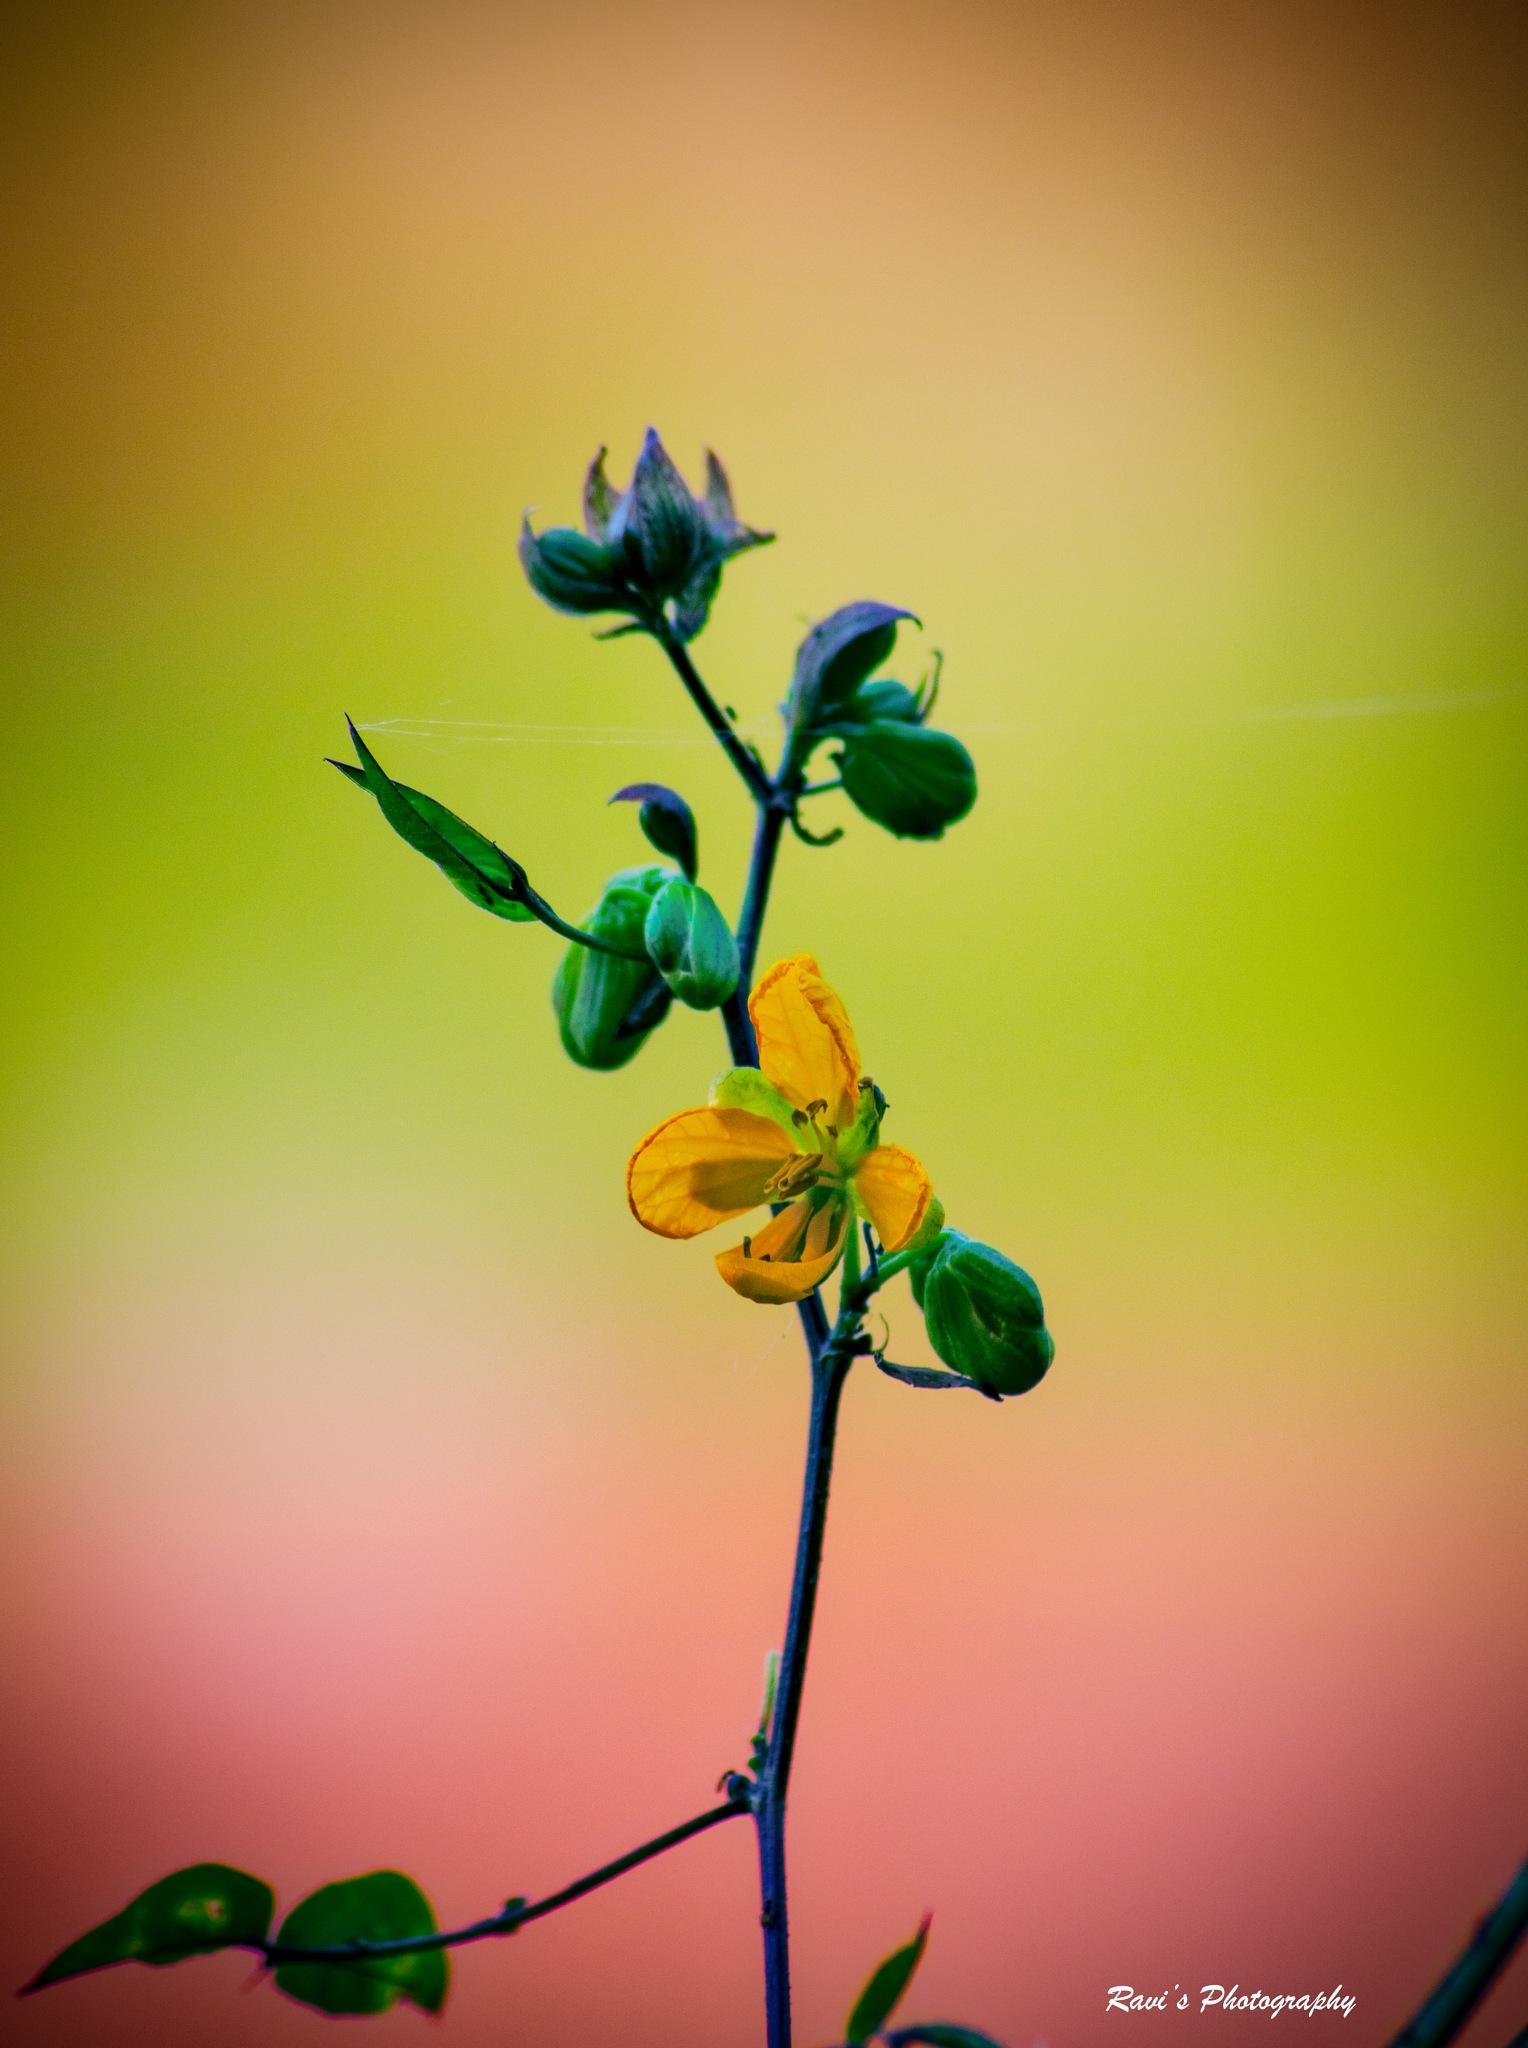 Flower by Ravi